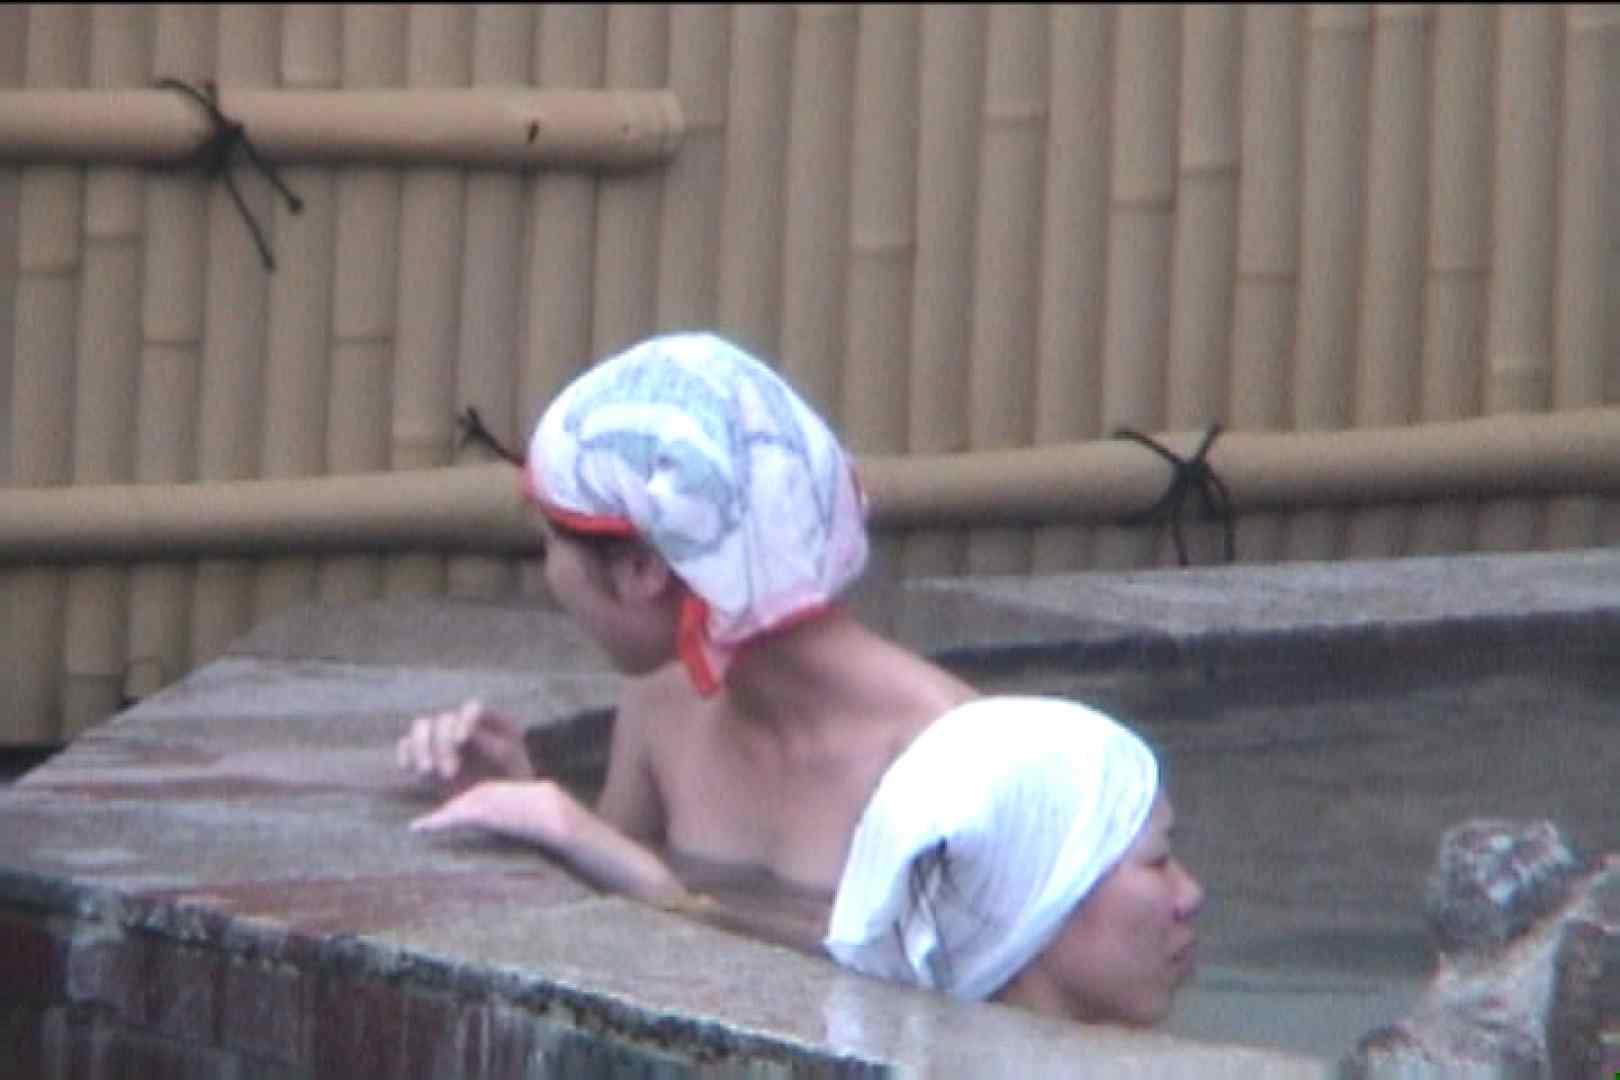 Aquaな露天風呂Vol.91【VIP限定】 OLエロ画像 | 露天  104PICs 34